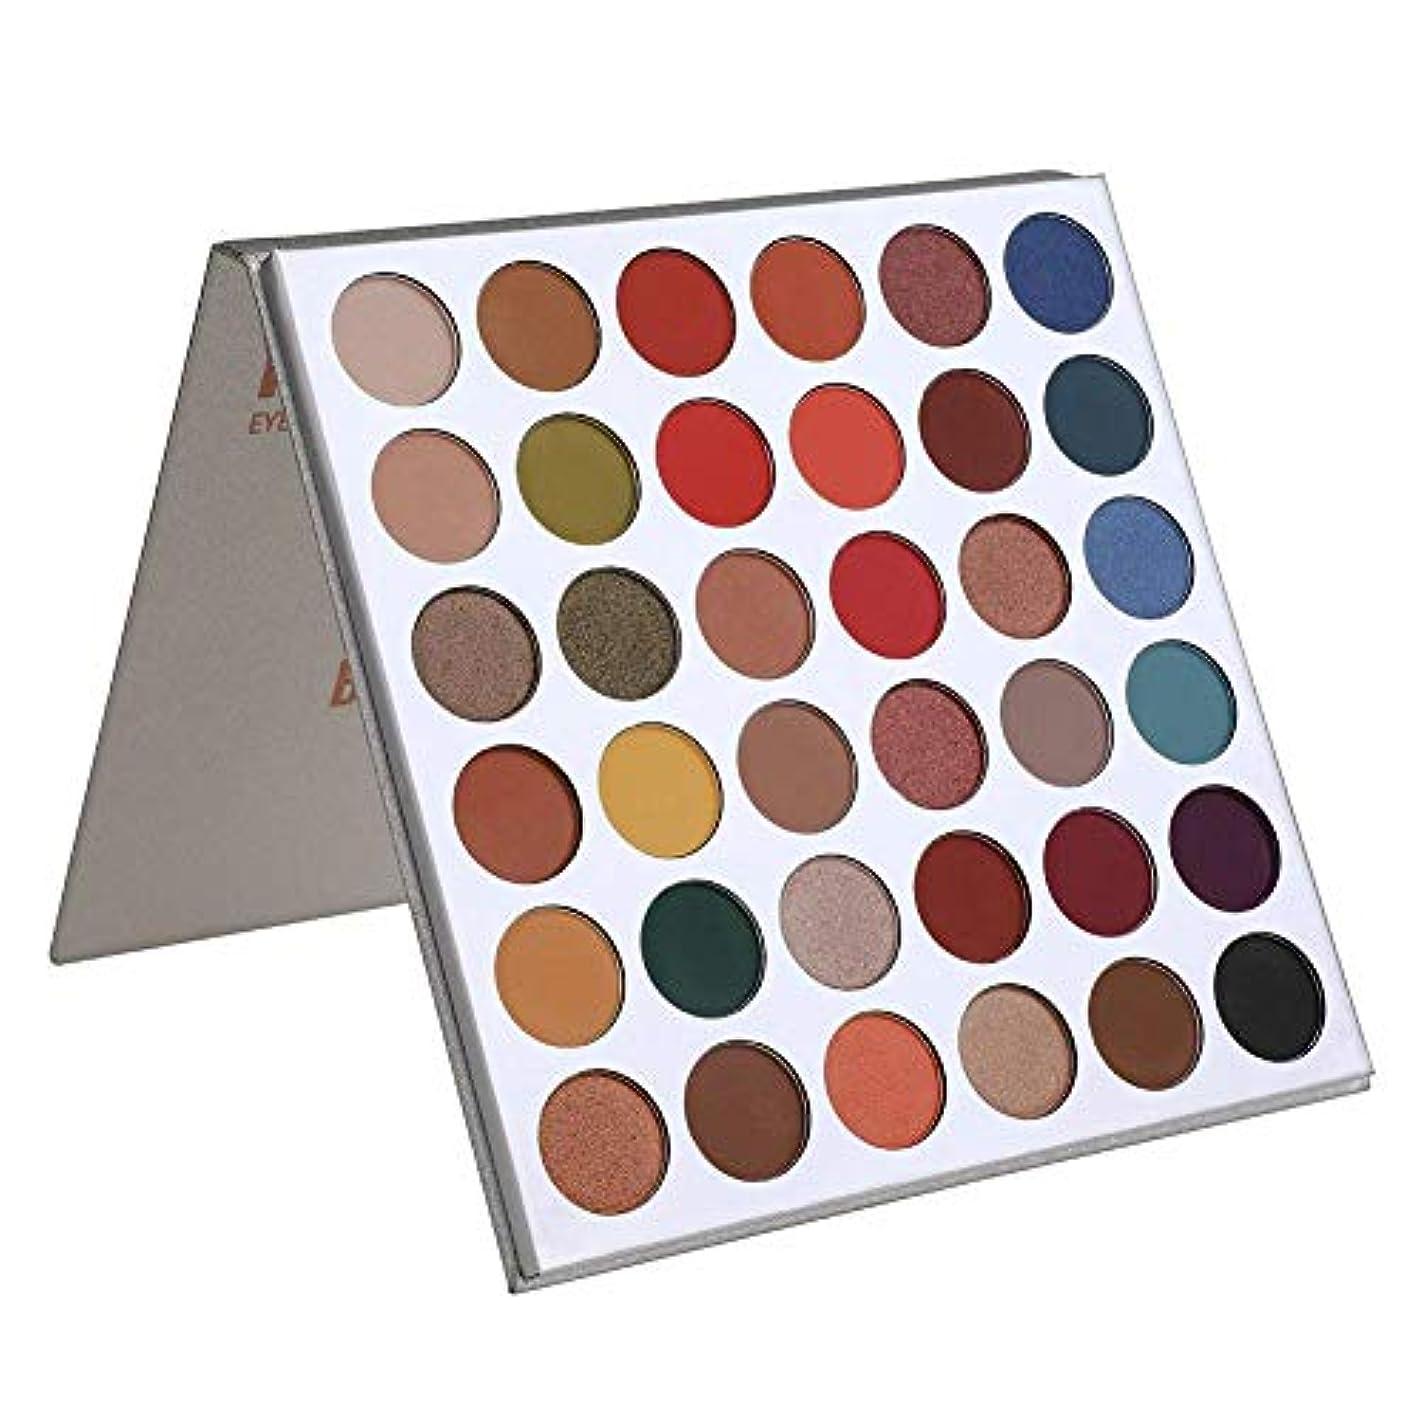 命題未満反逆者Brill(ブリーオ)最高のプロアイシャドウマットパレットメイクアイシャドウプロフェッショナル完璧なファイル暖かいナチュラルニュートラルスモーキーパレットアイメイクアップシルキーパウダー化粧品36色